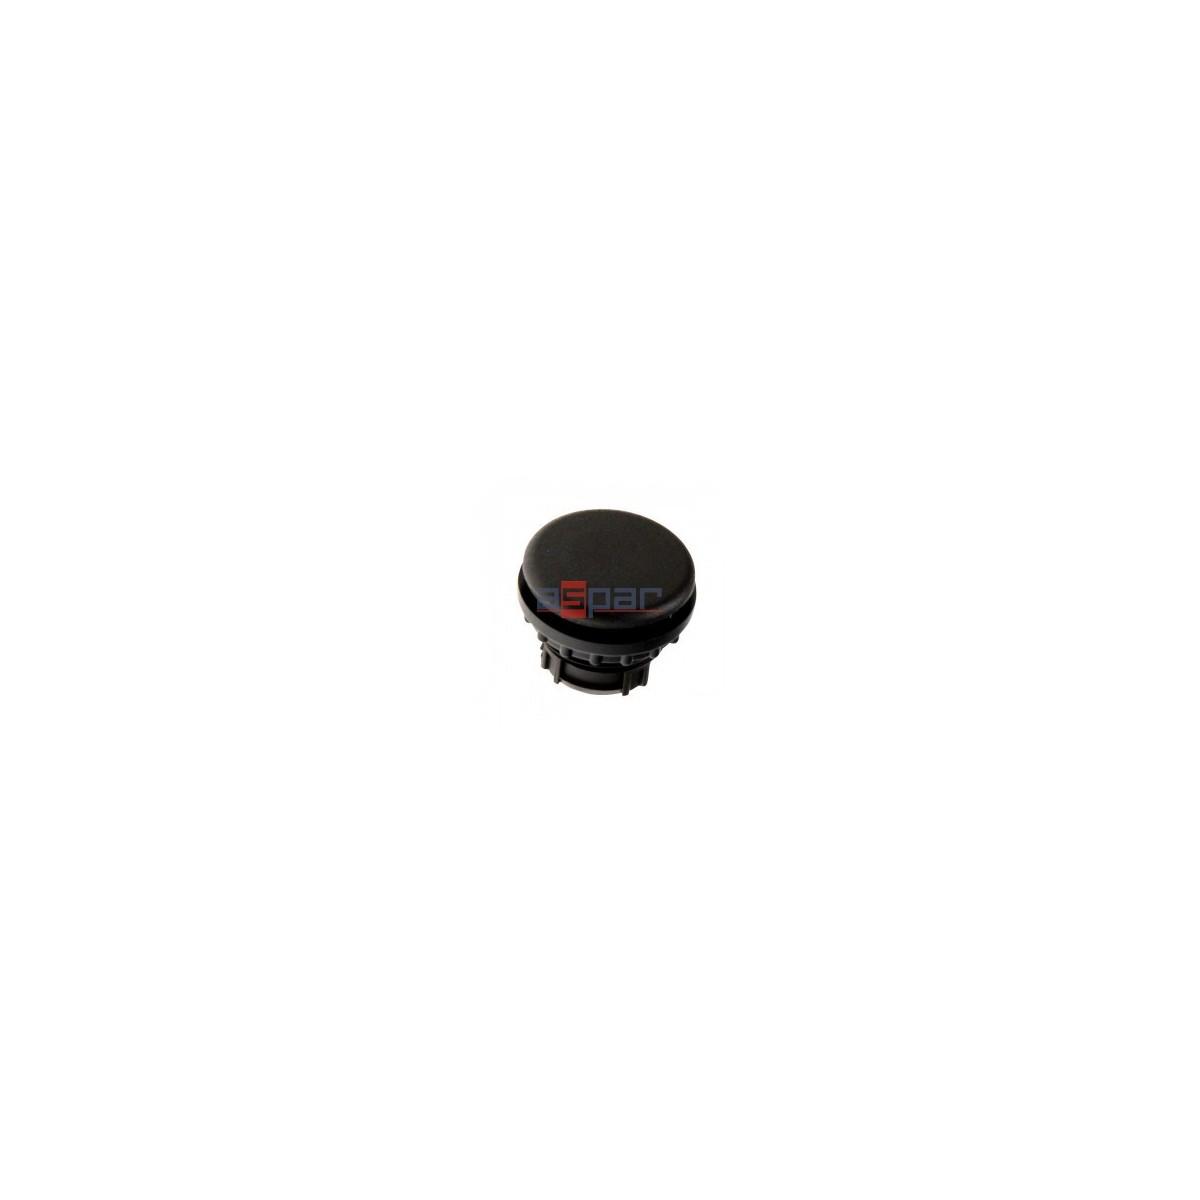 Zaślepka czarna, na otwór 22mm, M22S-B, 216390